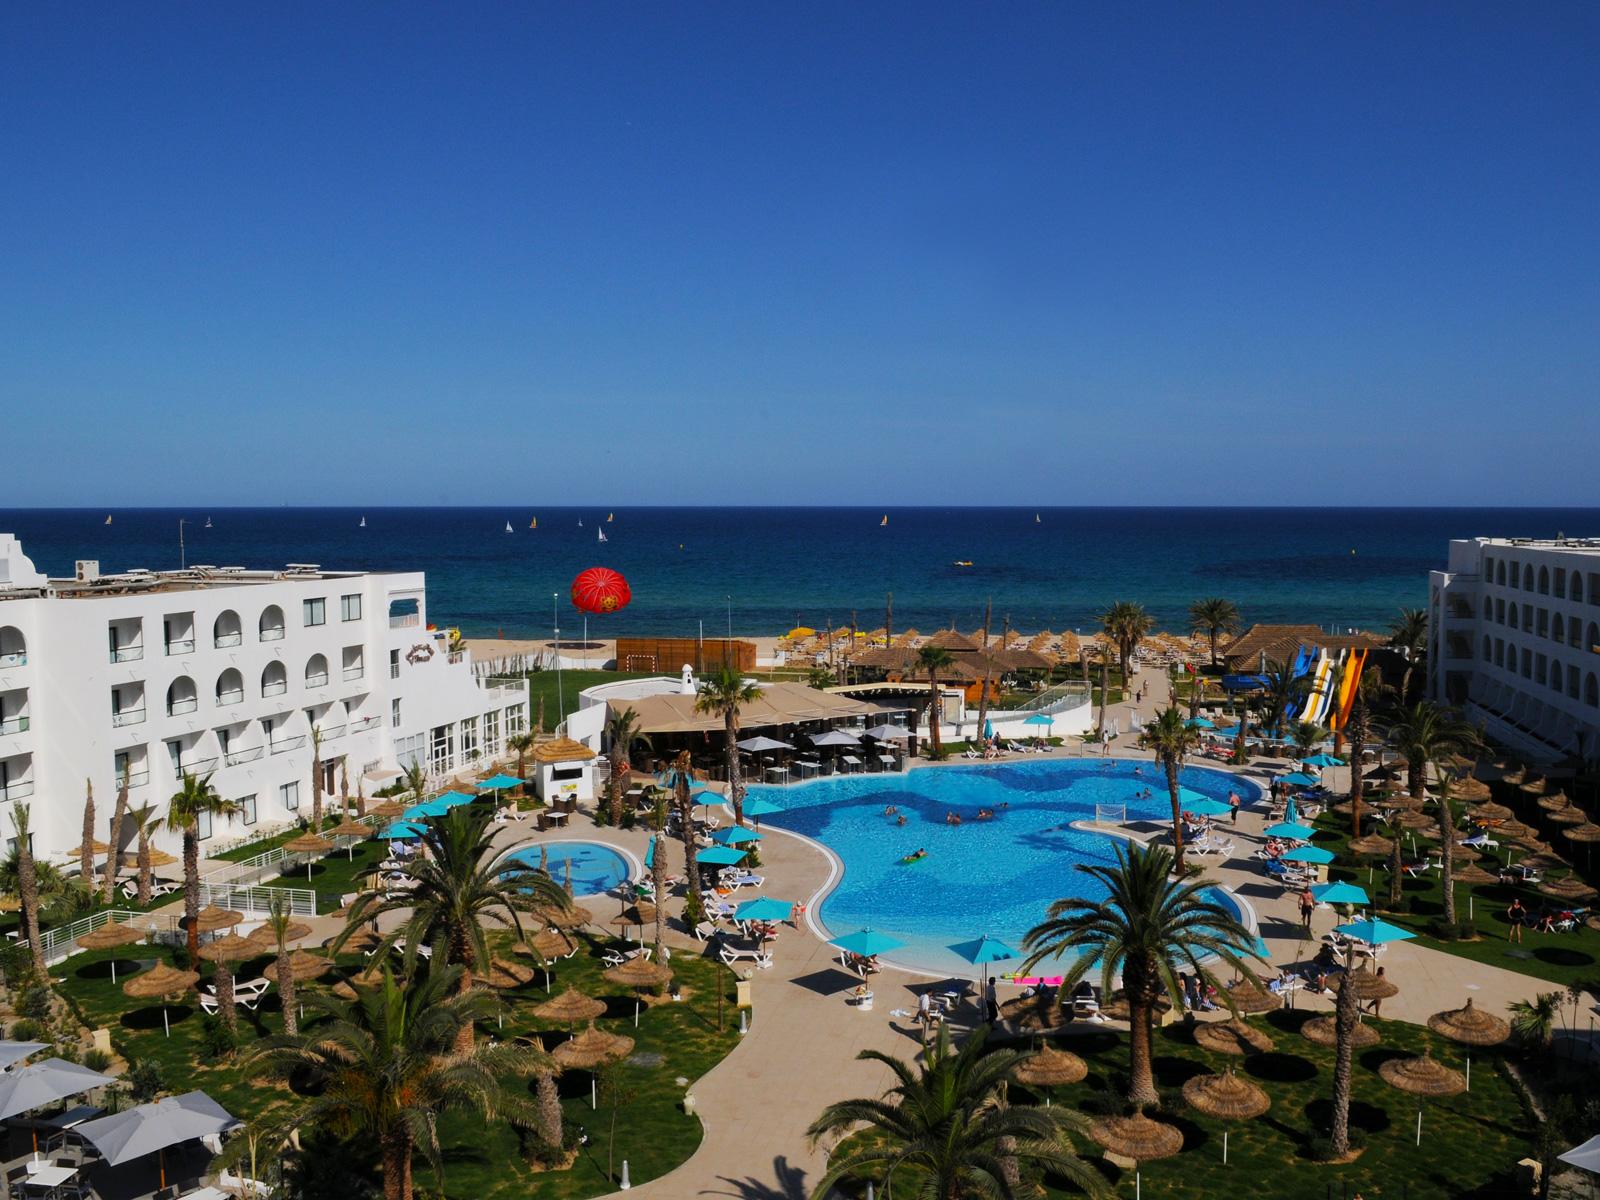 Panoramic Hotel - Hamammet Nozha Beach Hotel